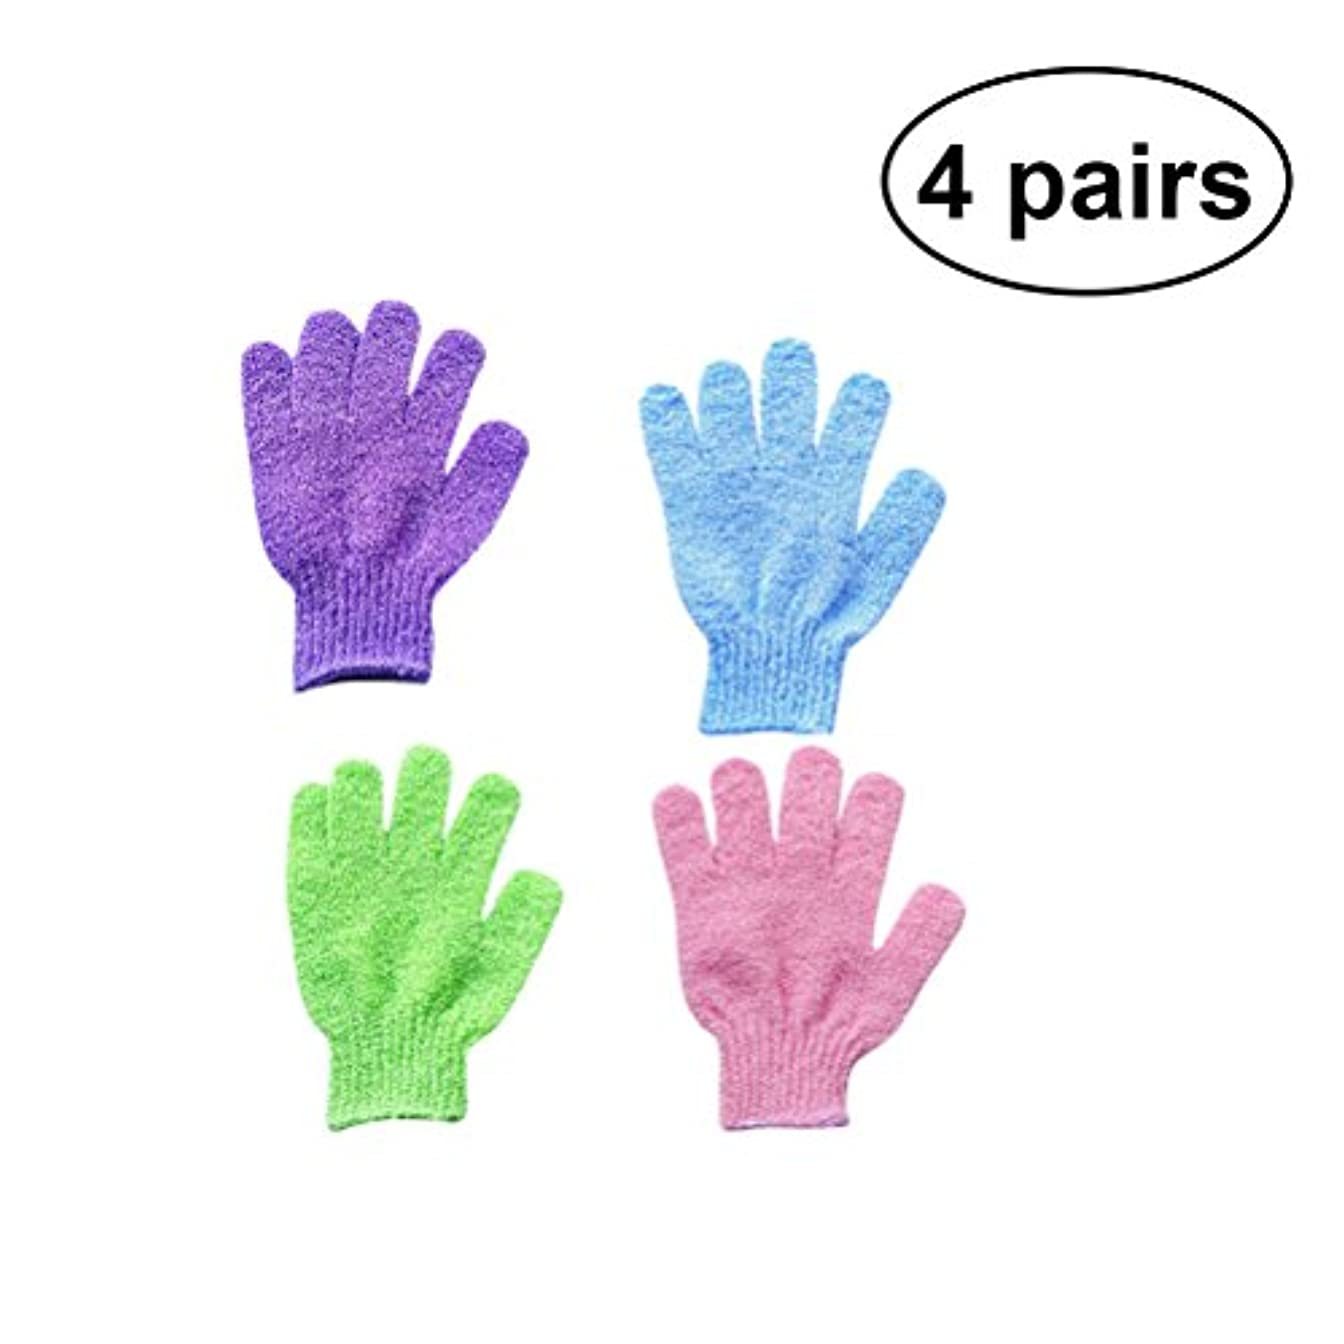 定刻信号手書きHealifty 4 Pairs Exfoliating Bath Gloves Shower Mitts Exfoliating Body Spa Massage Dead Skin Cell Remover